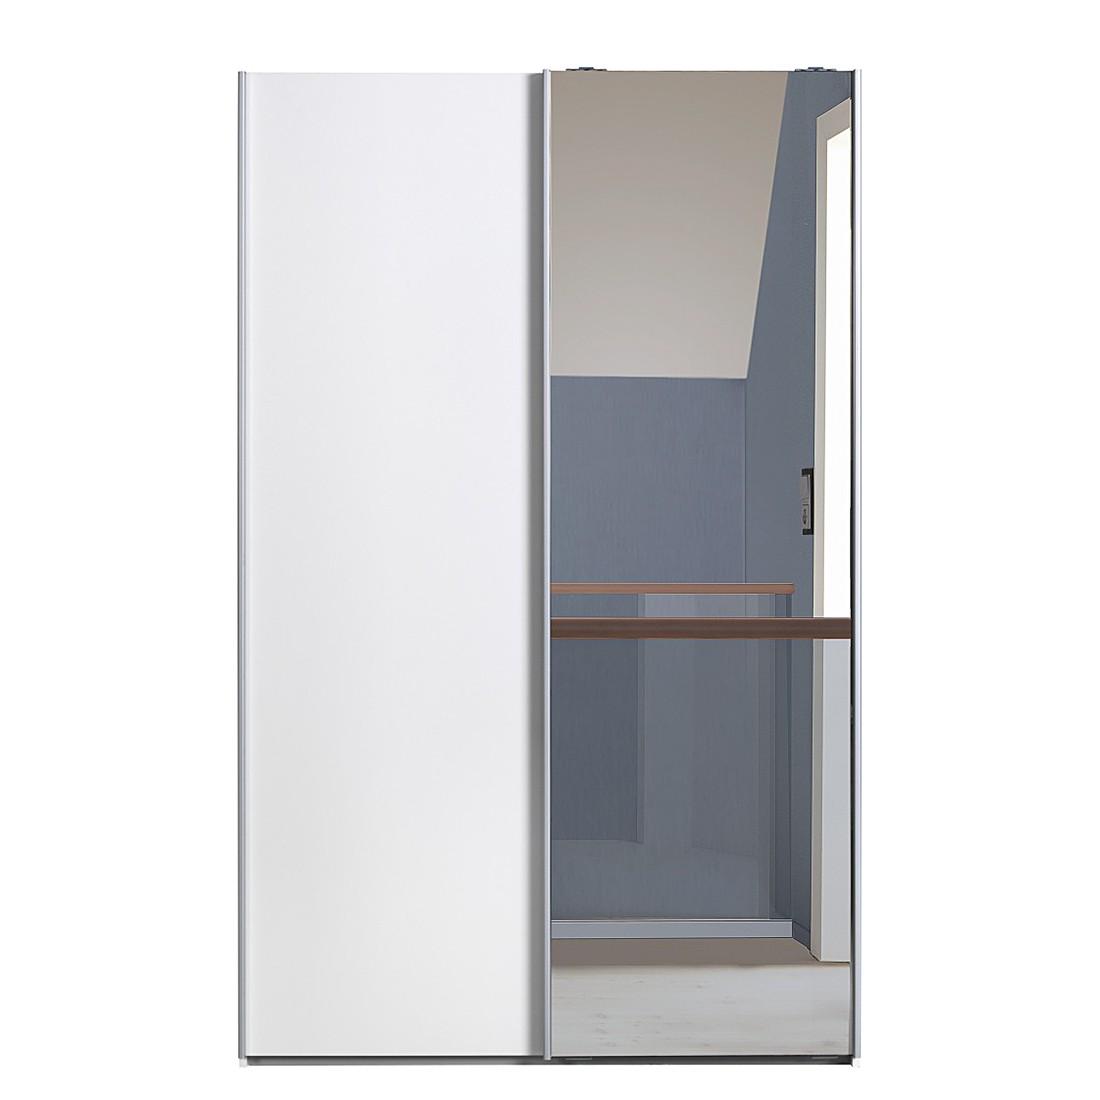 Schwebetürenschrank Schmal schwebetürenschrank smart 120 cm weiß weiß 1 spiegeltür